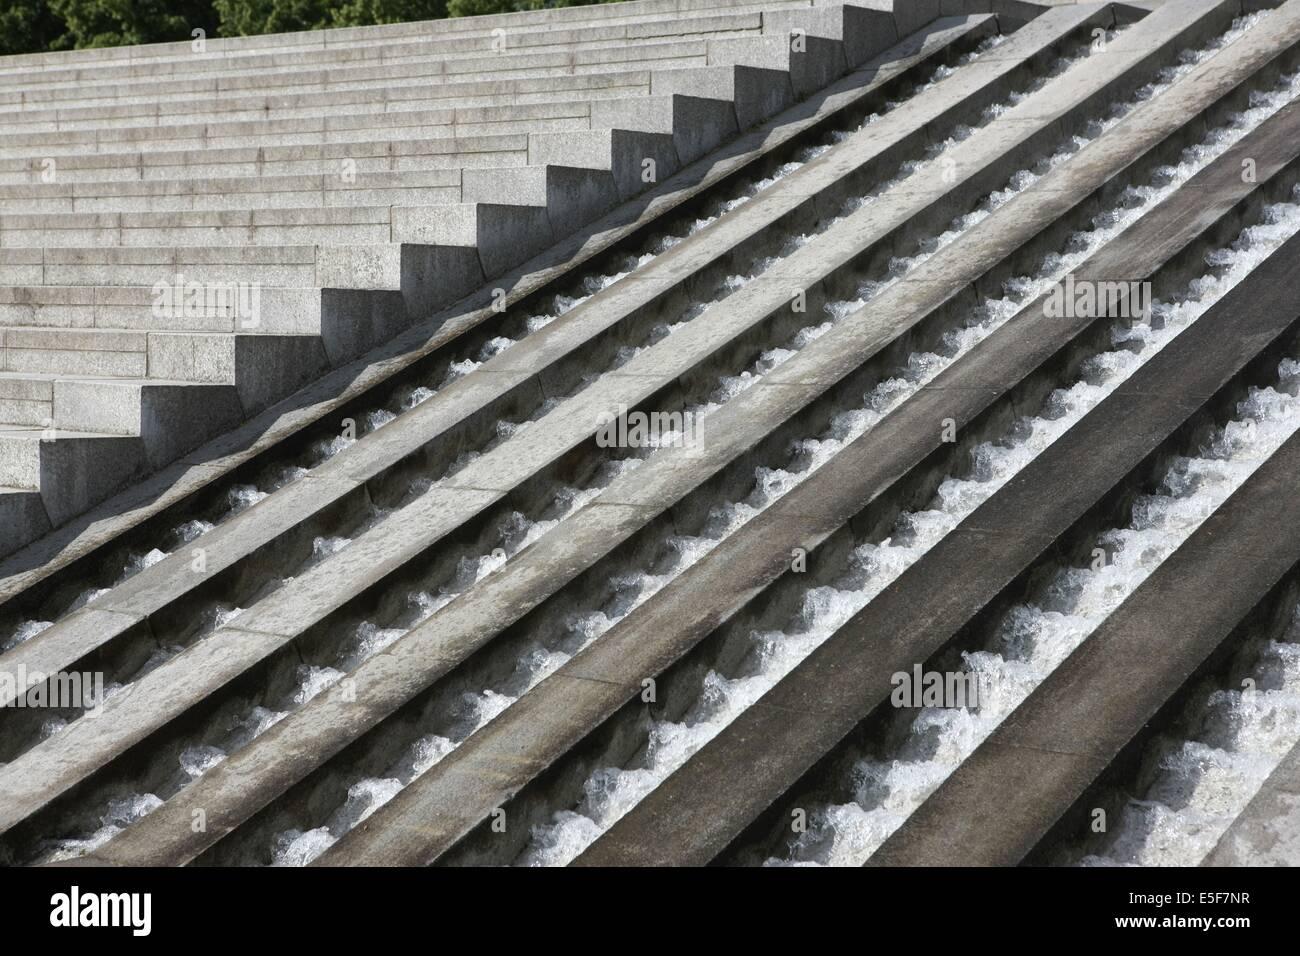 France, ile de france, paris, 12e arrondissement, bercy, parc de bercy, cascade  Date : 2011-2012 - Stock Image